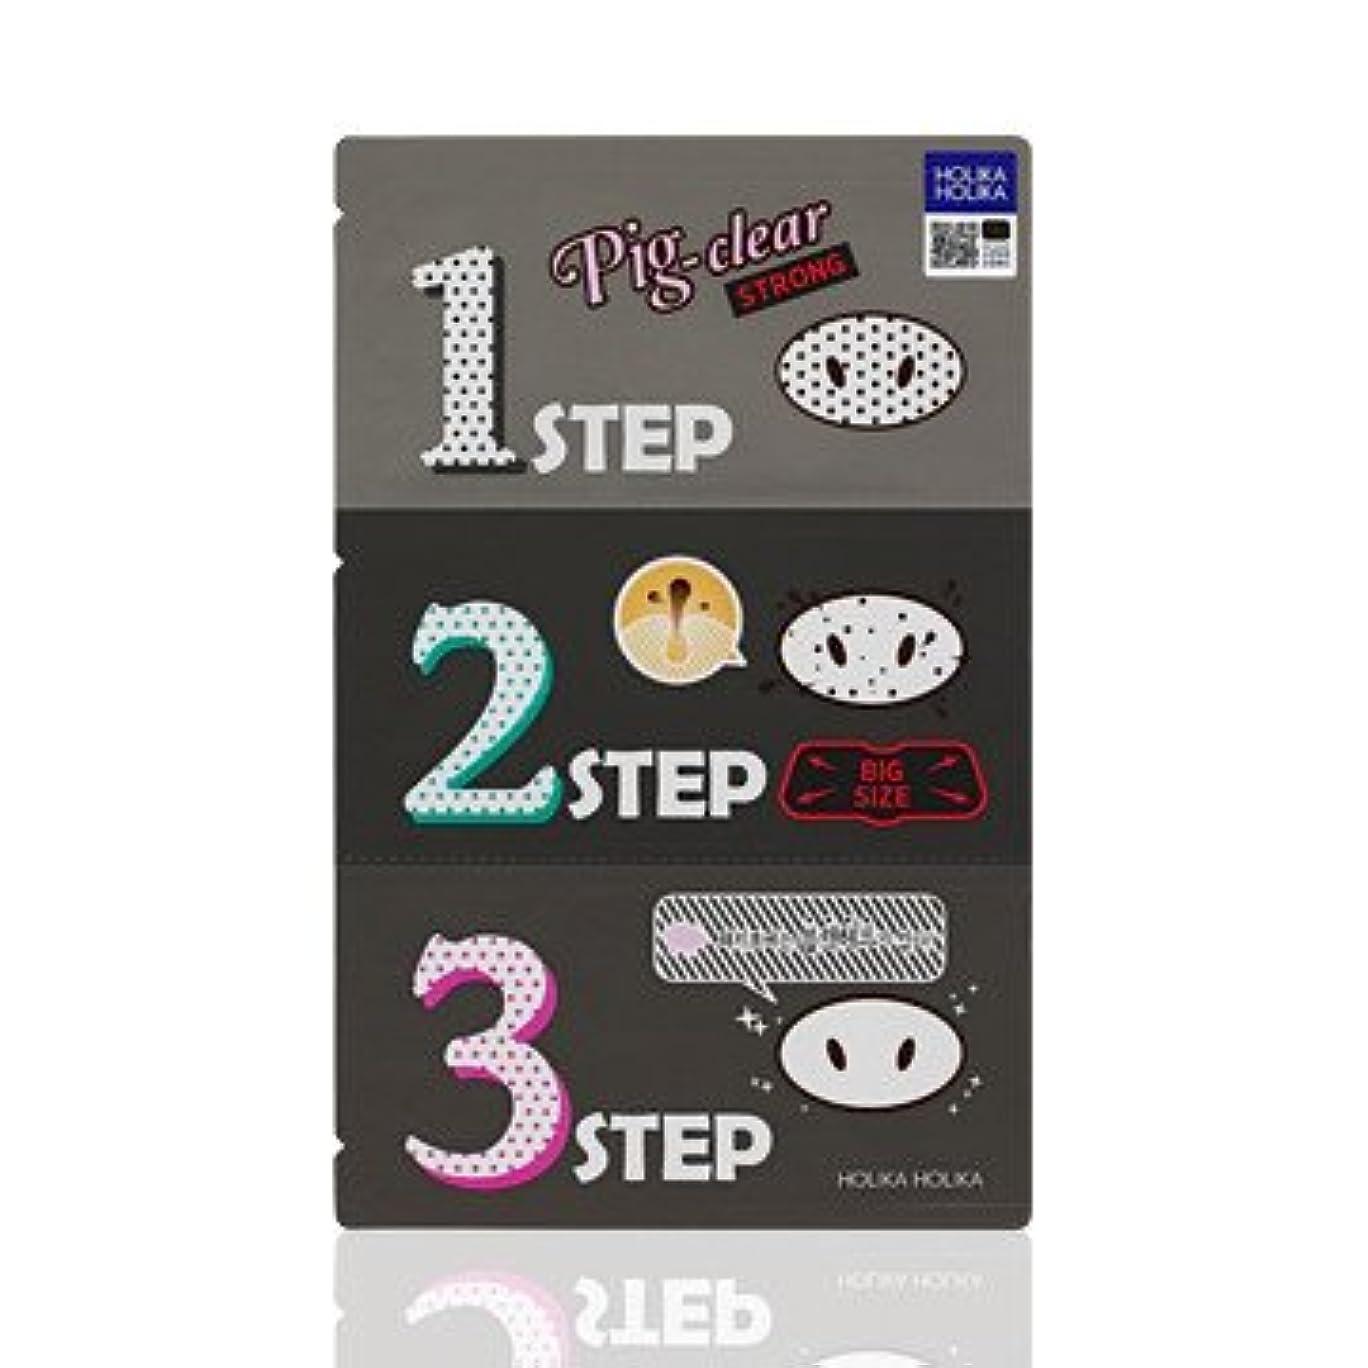 全員魔女晴れHolika Holika Pig Nose Clear Black Head 3-Step Kit 10EA